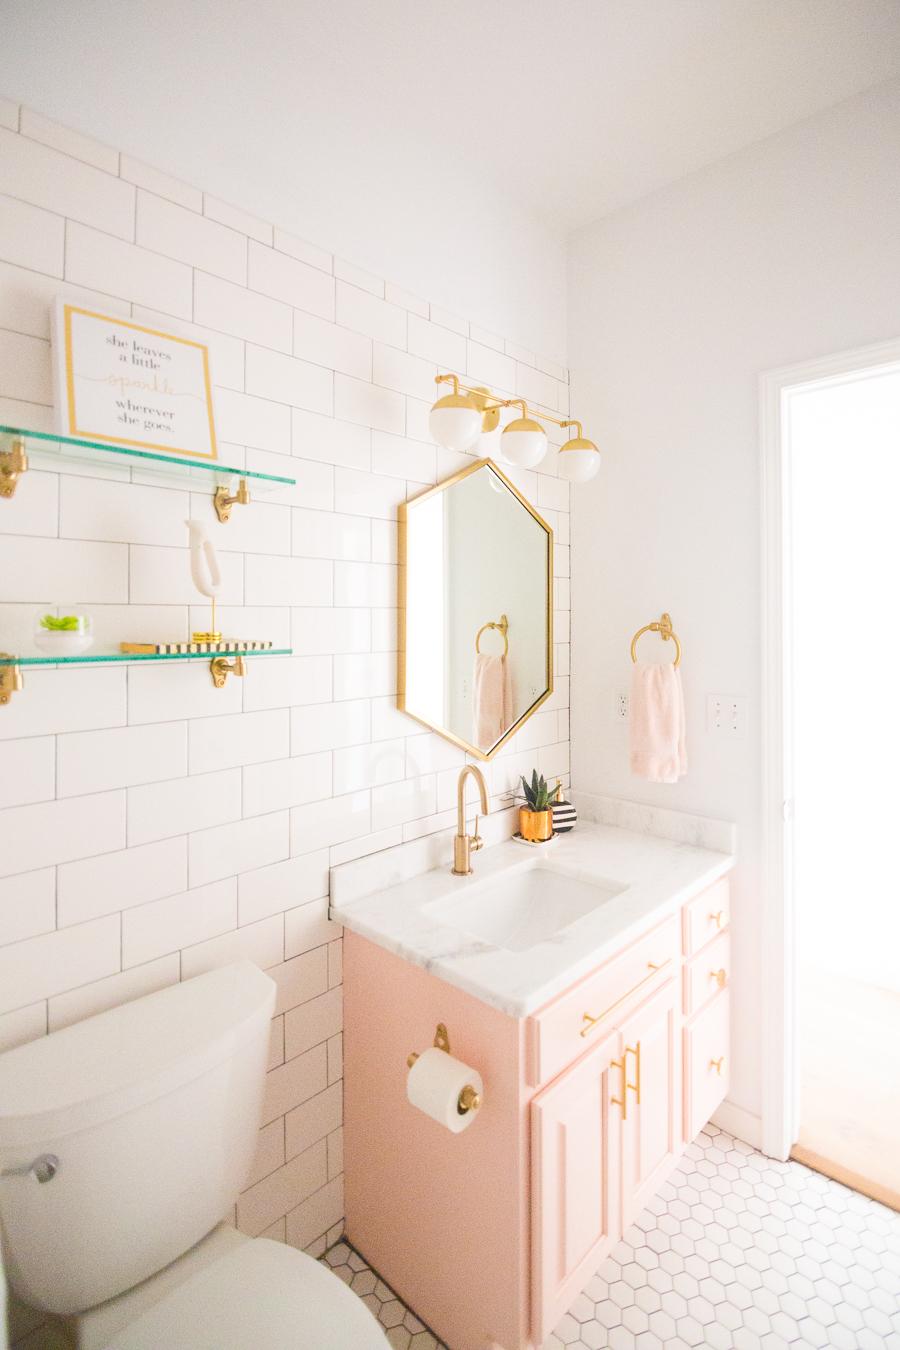 Modern glam blush girls bathroom design cc and mike for Glam girl bathroom design ideas